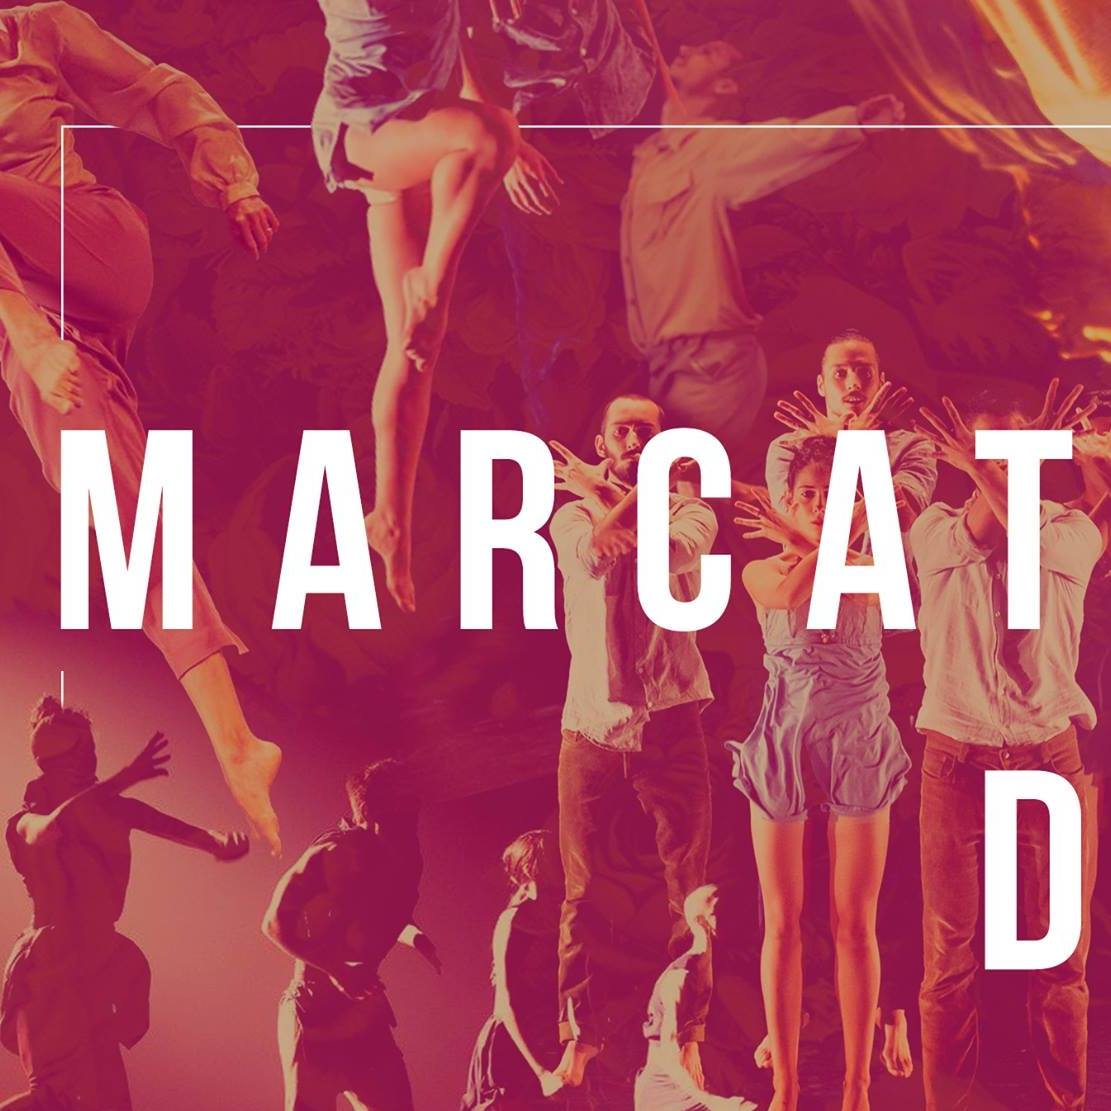 Marcat Dance